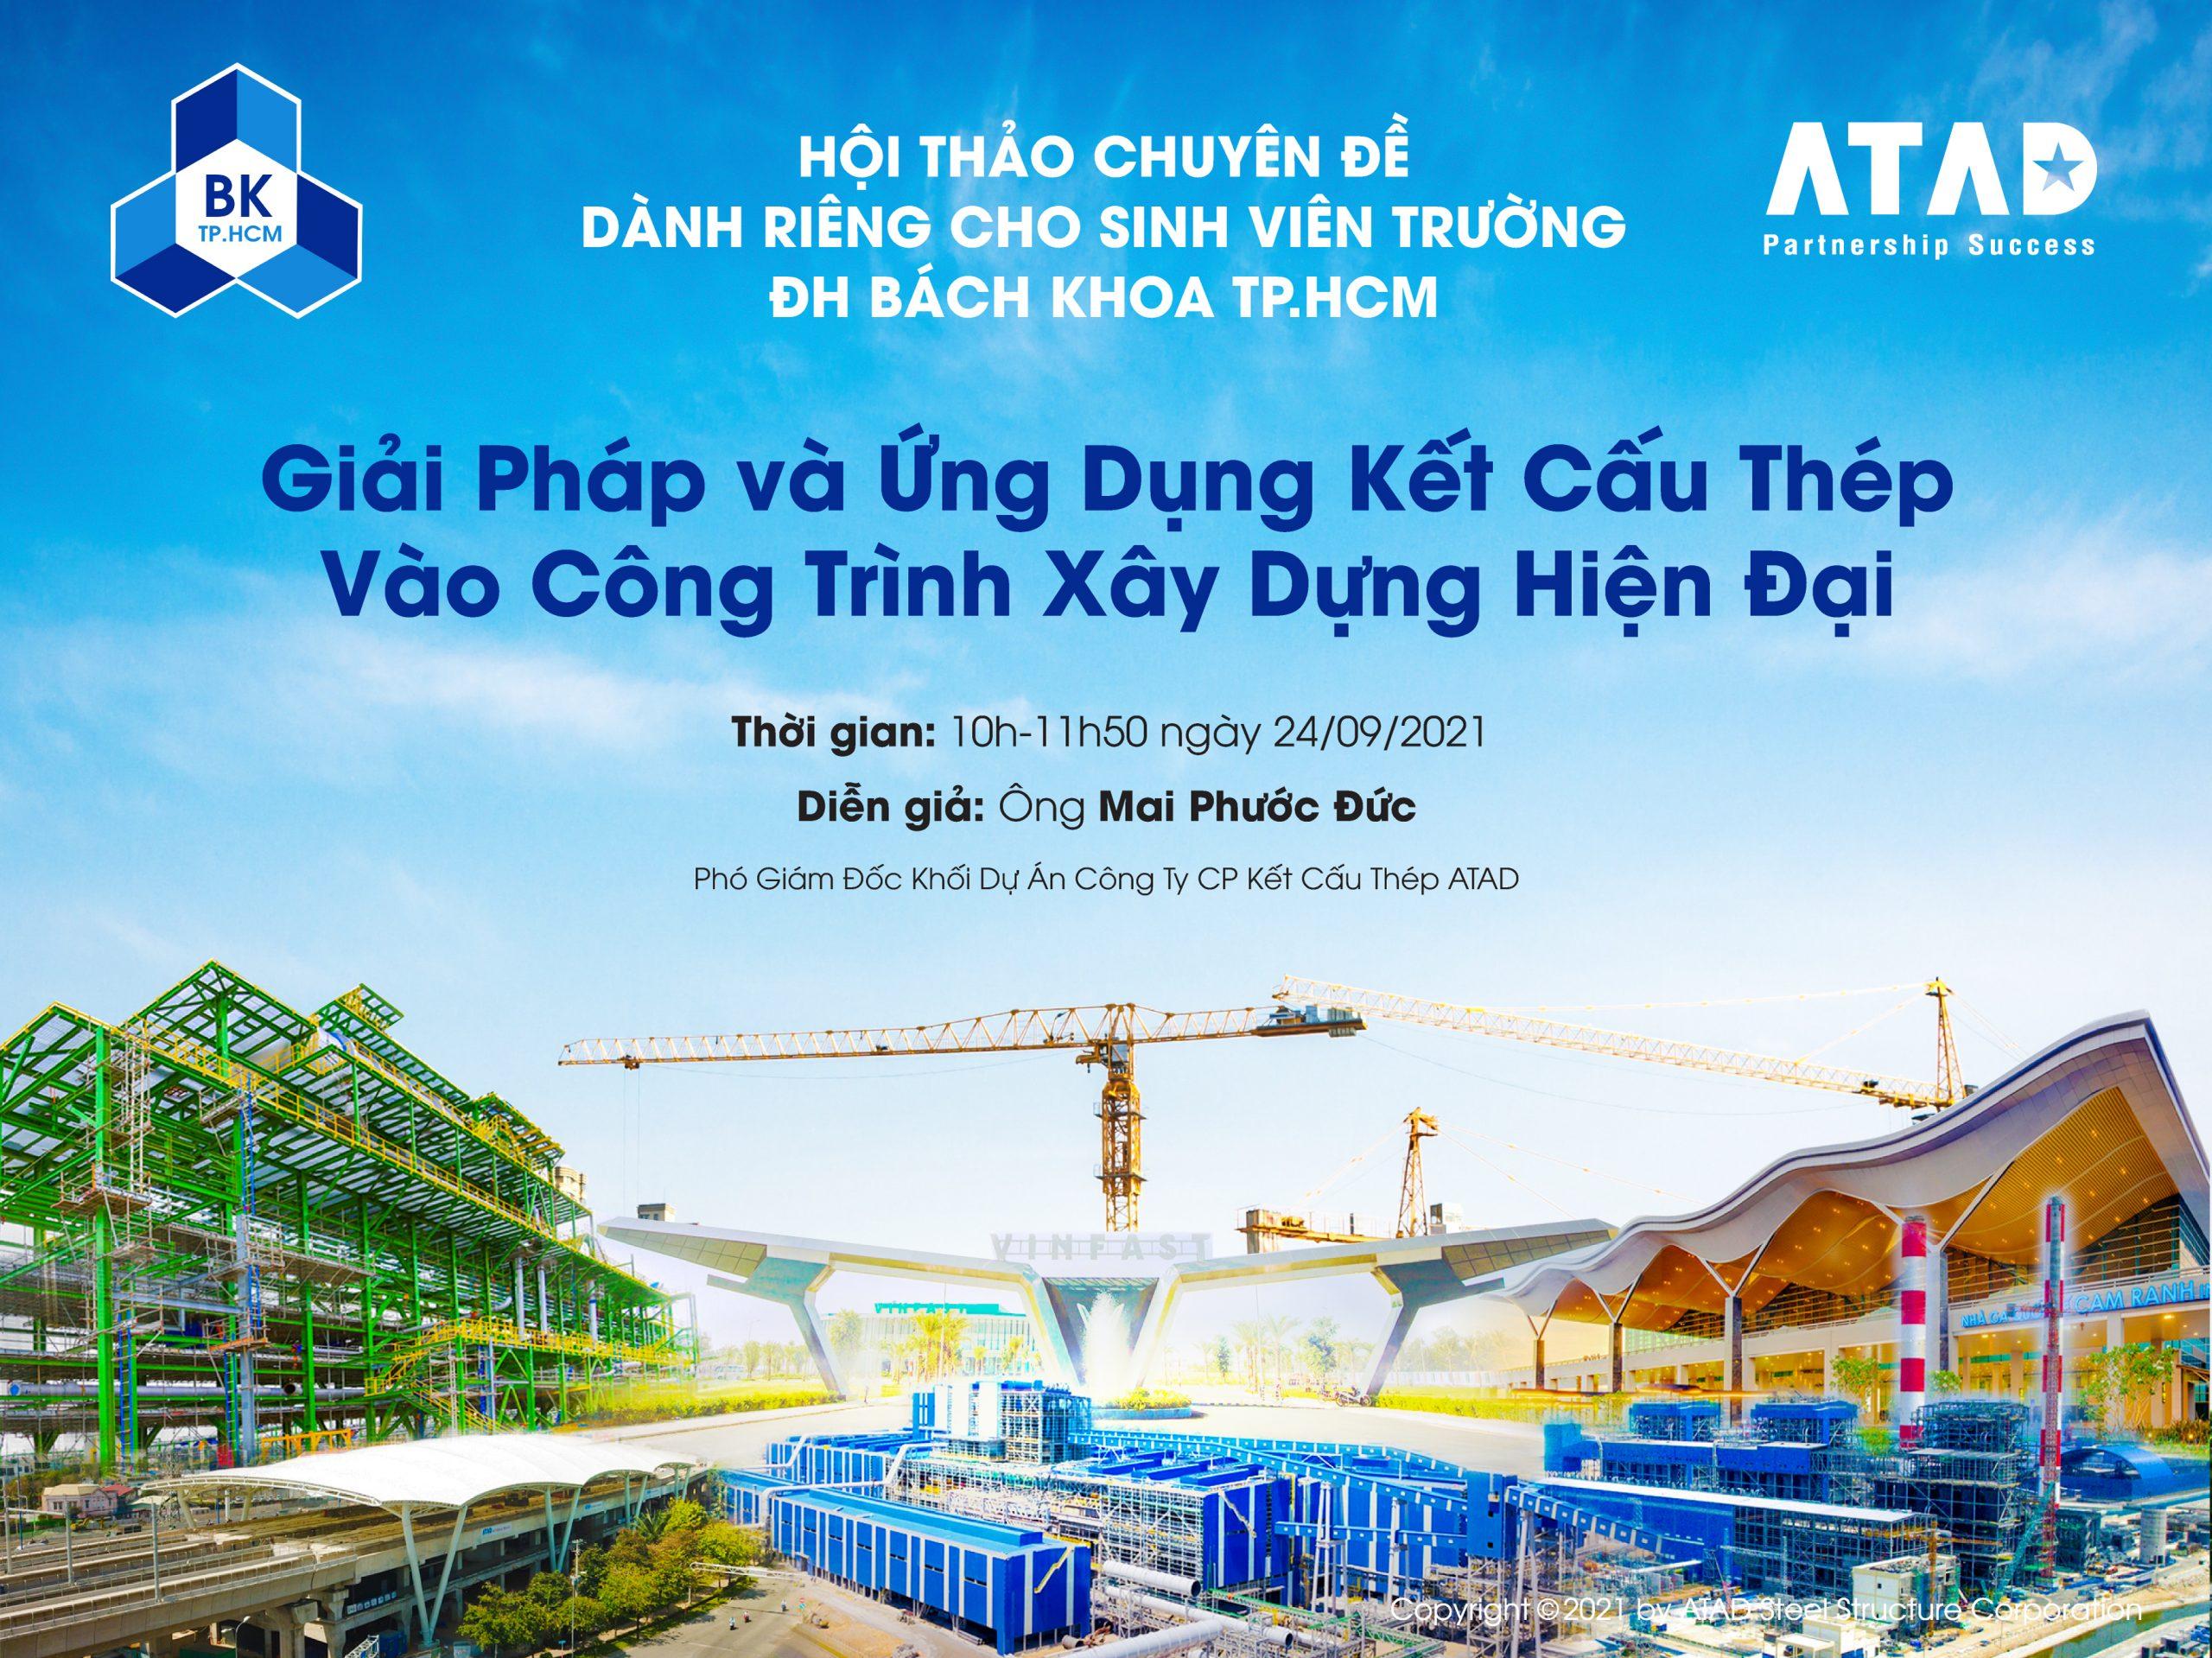 Hội thảo chuyên đề dành riêng cho sinh viên trường Đại học Bách Khoa TP.HCM